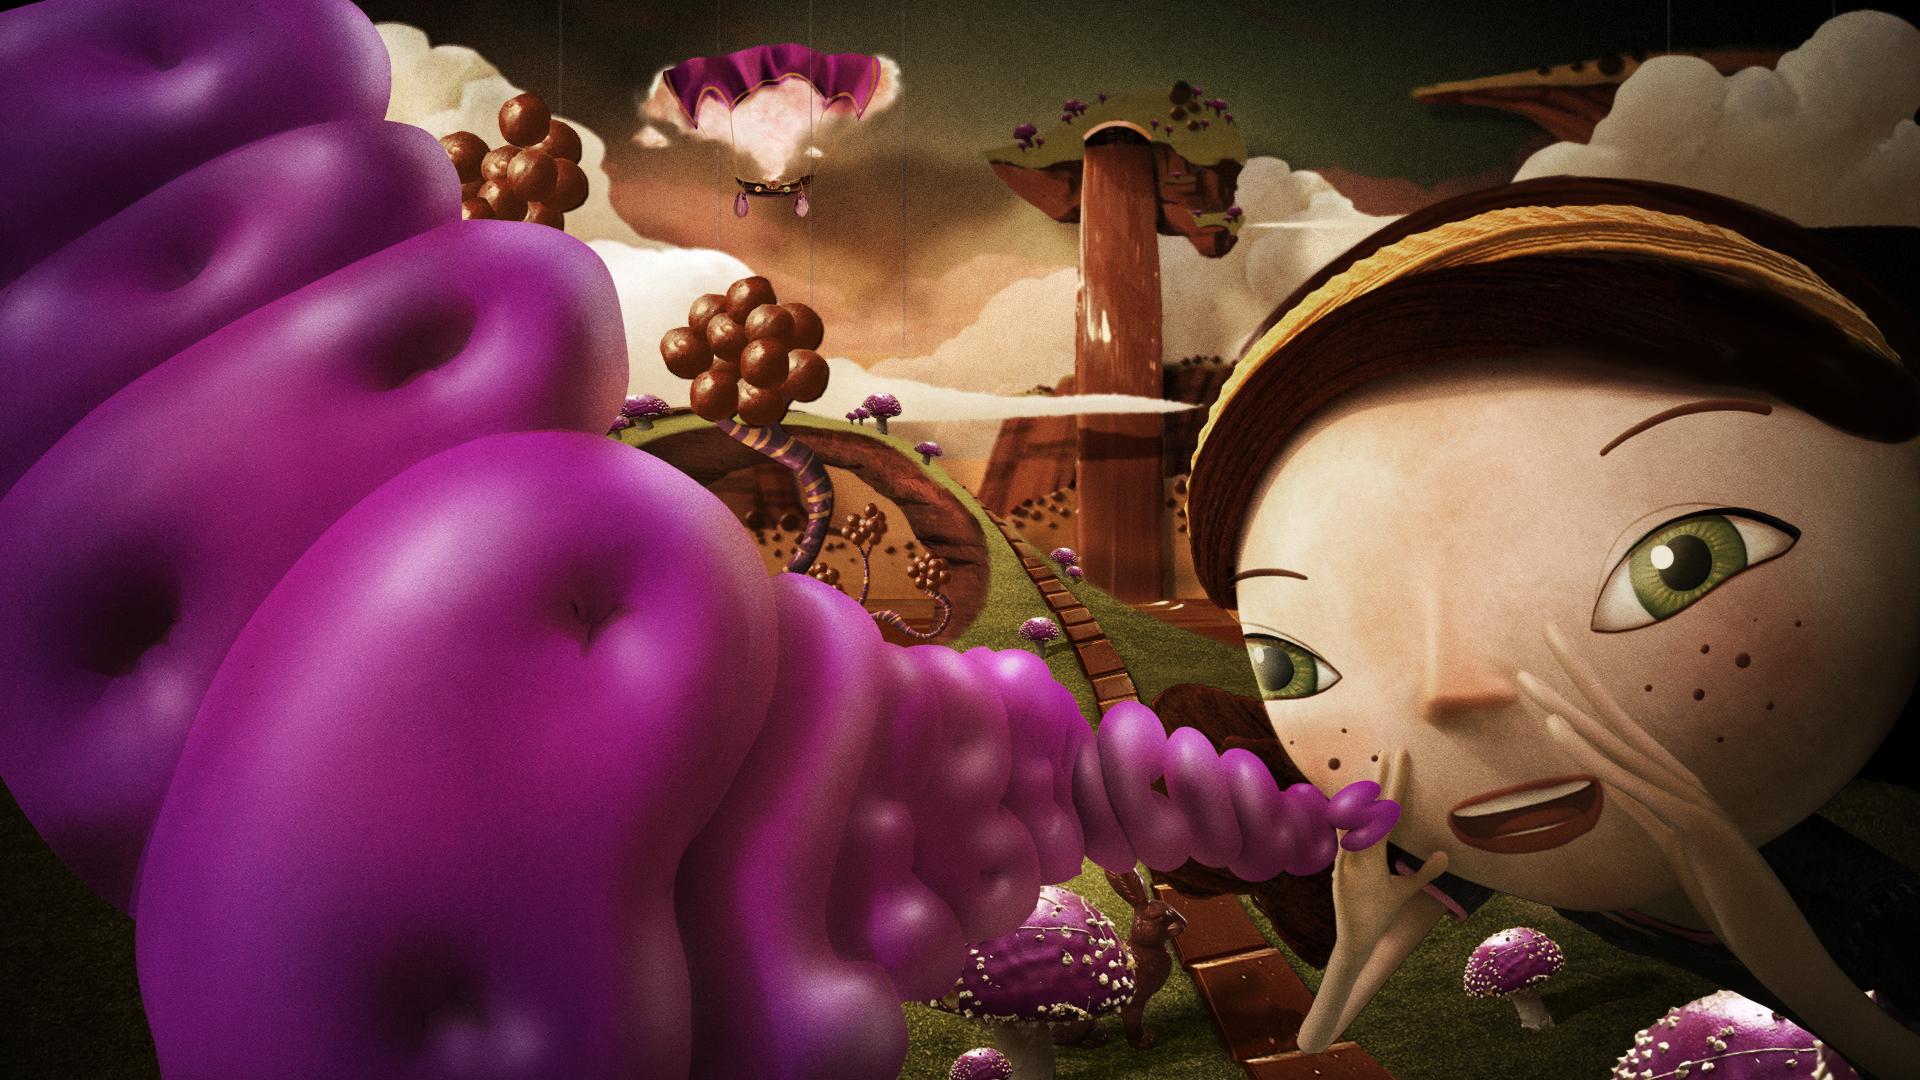 Willie Wonka - Pitch   C.D.